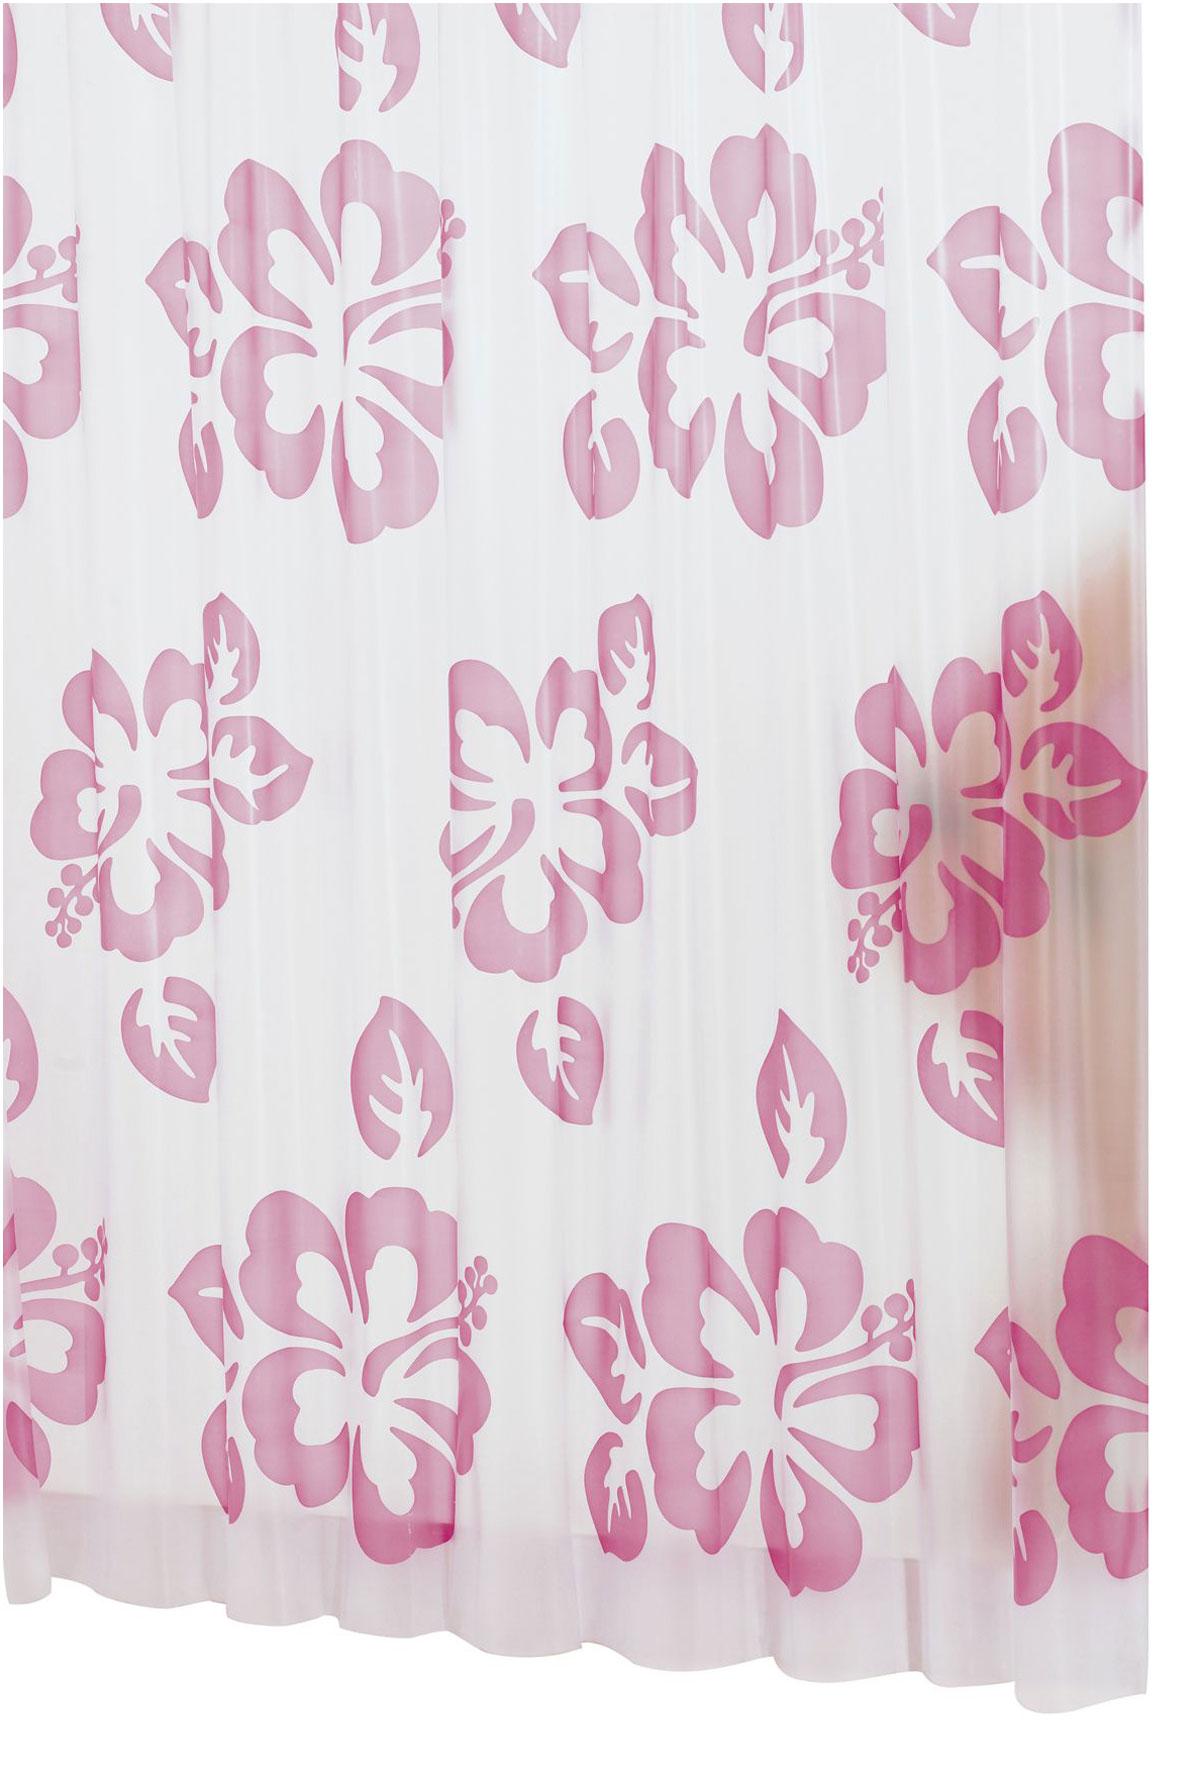 Штора для ванной комнаты Ridder Flowerpower, цвет: розовый, 180 х 200 см282470Высококачественная немецкая штора для душа создает прекрасное настроение.Продукты из эколена не имеют запаха и считаются экологически чистыми.Ручная стирка. Не гладить.